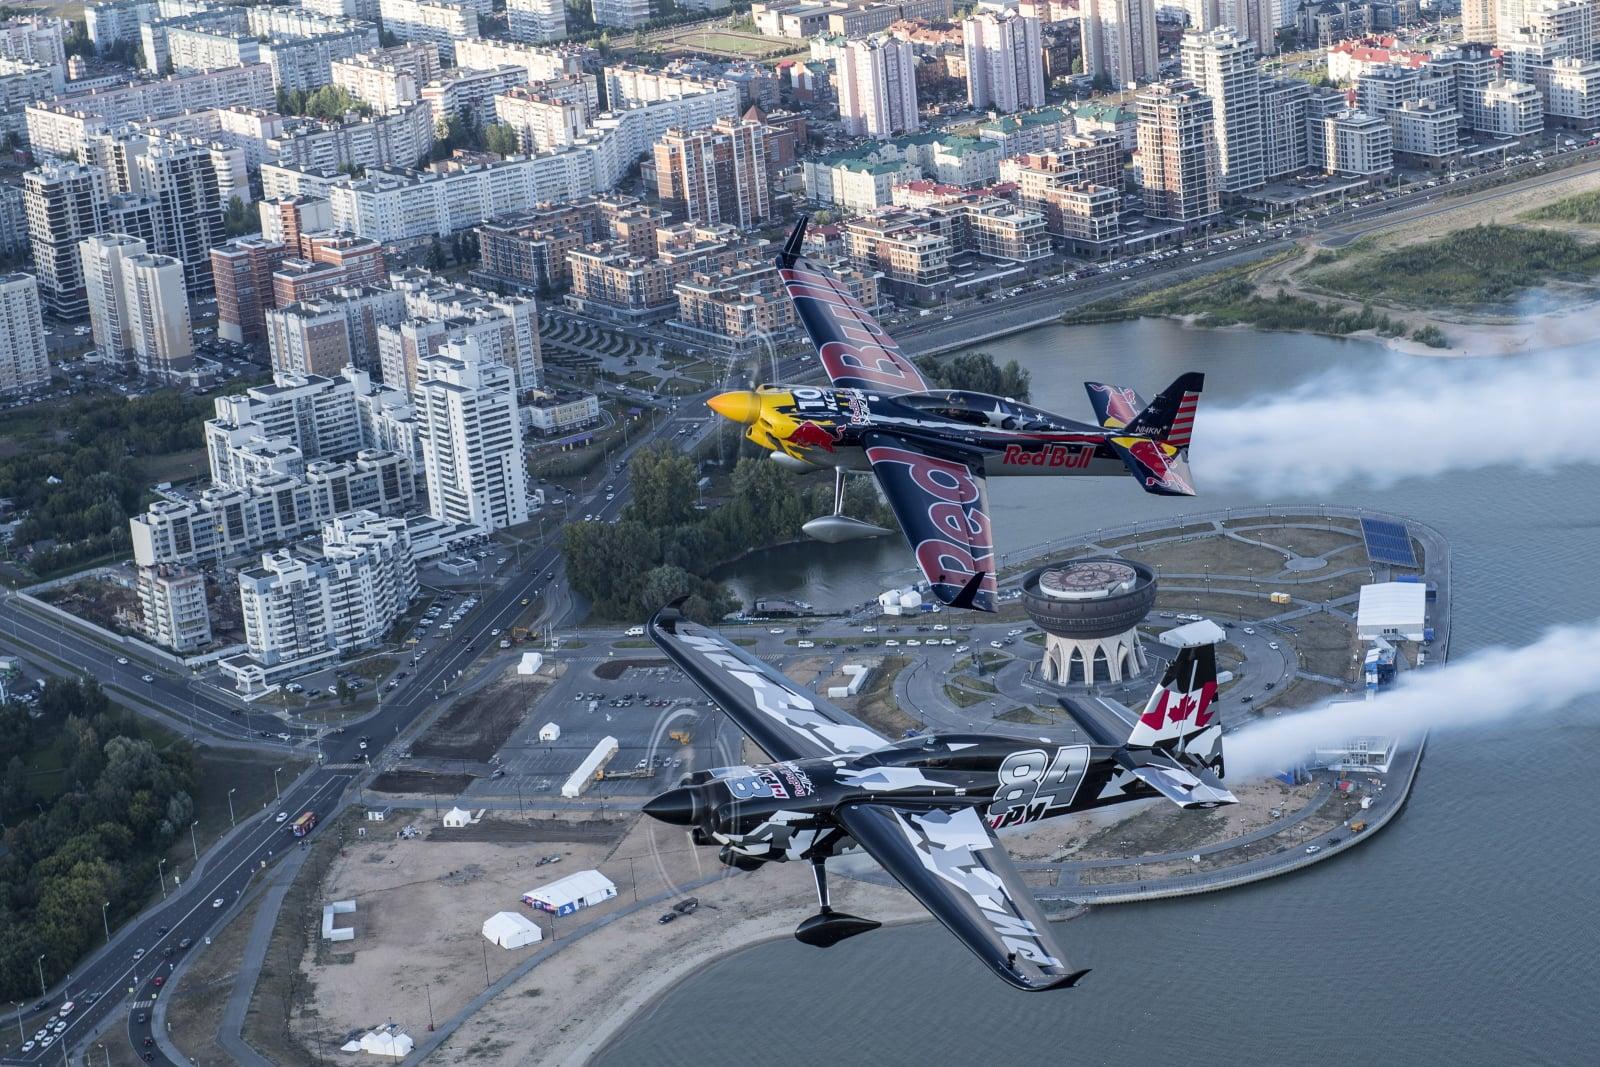 W Kazaniu odbywał się dzisiaj Red Bull Air Race World Championship